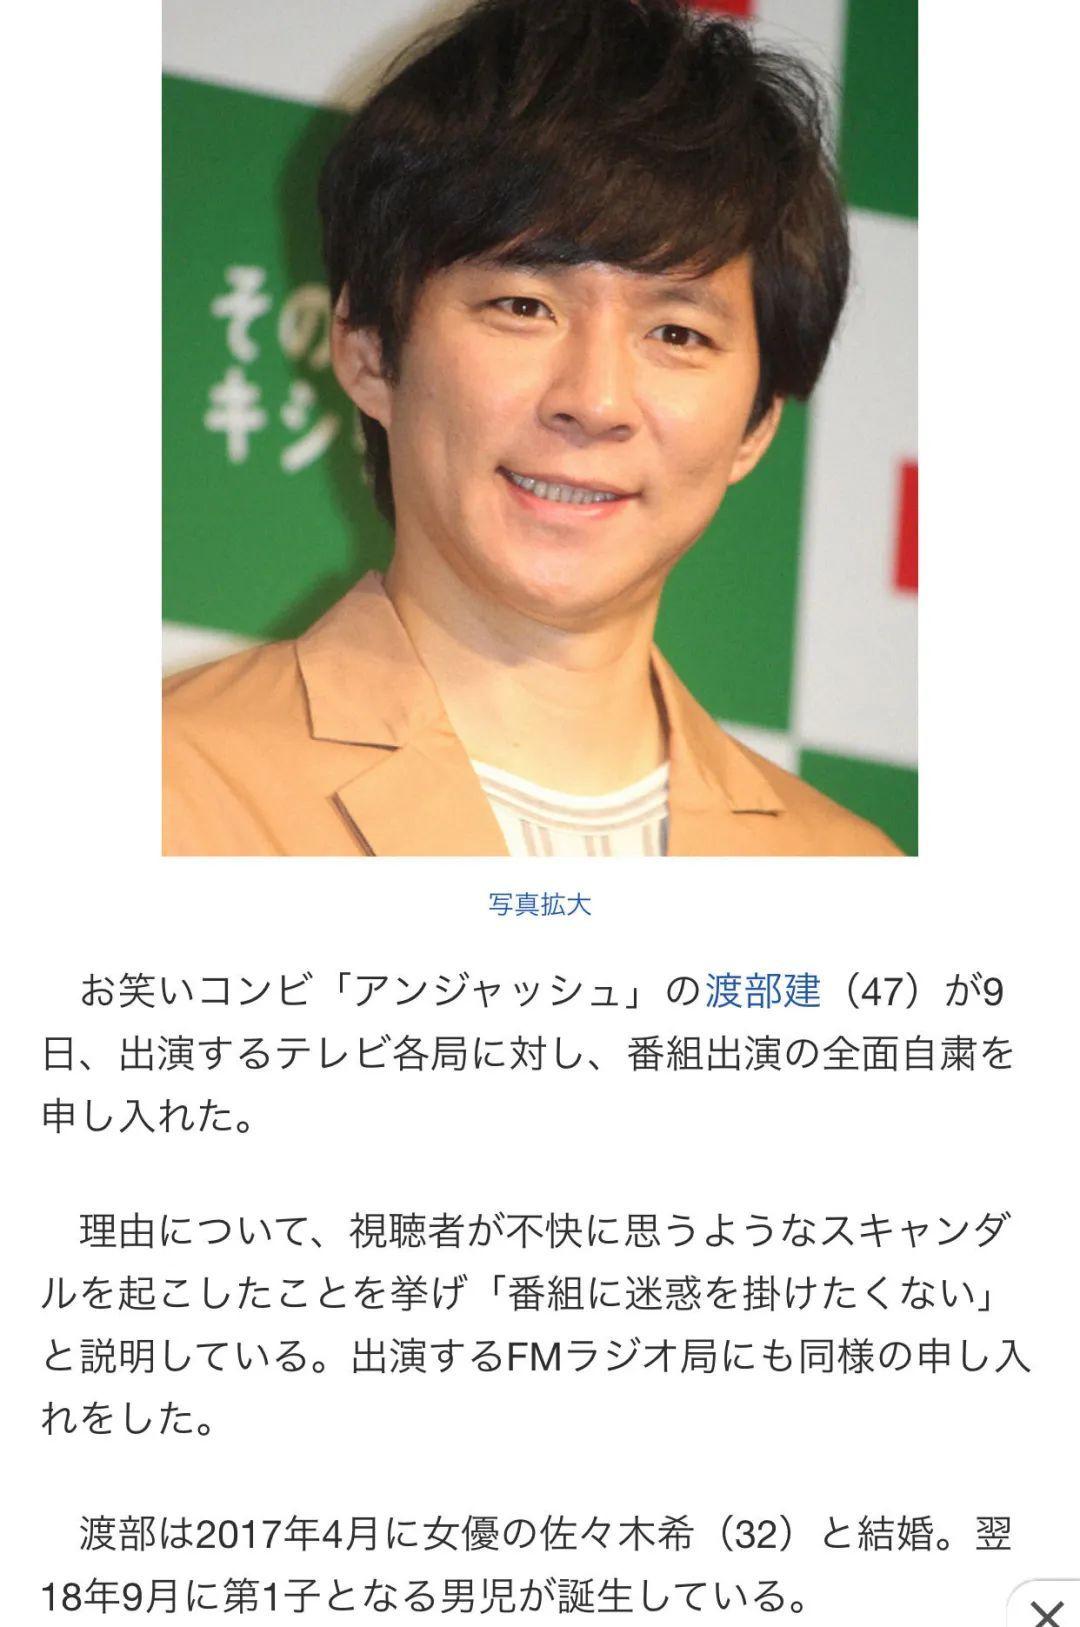 佐佐木希老公因丑闻暂停出演全部电视节目!_图片 No.7